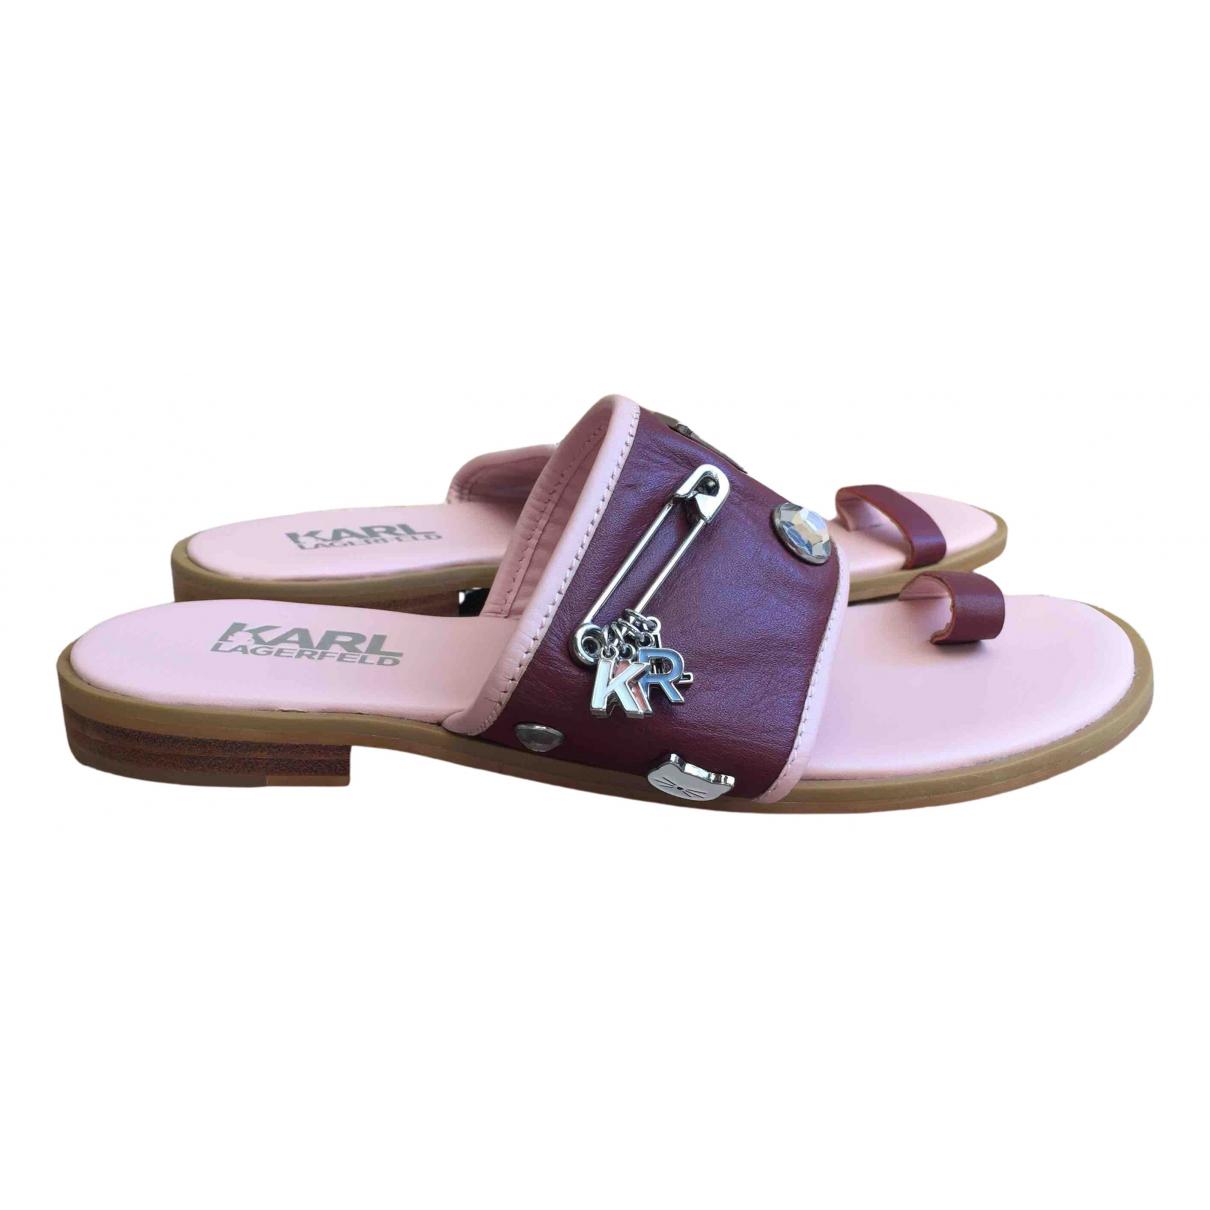 Sandalias de Cuero Karl